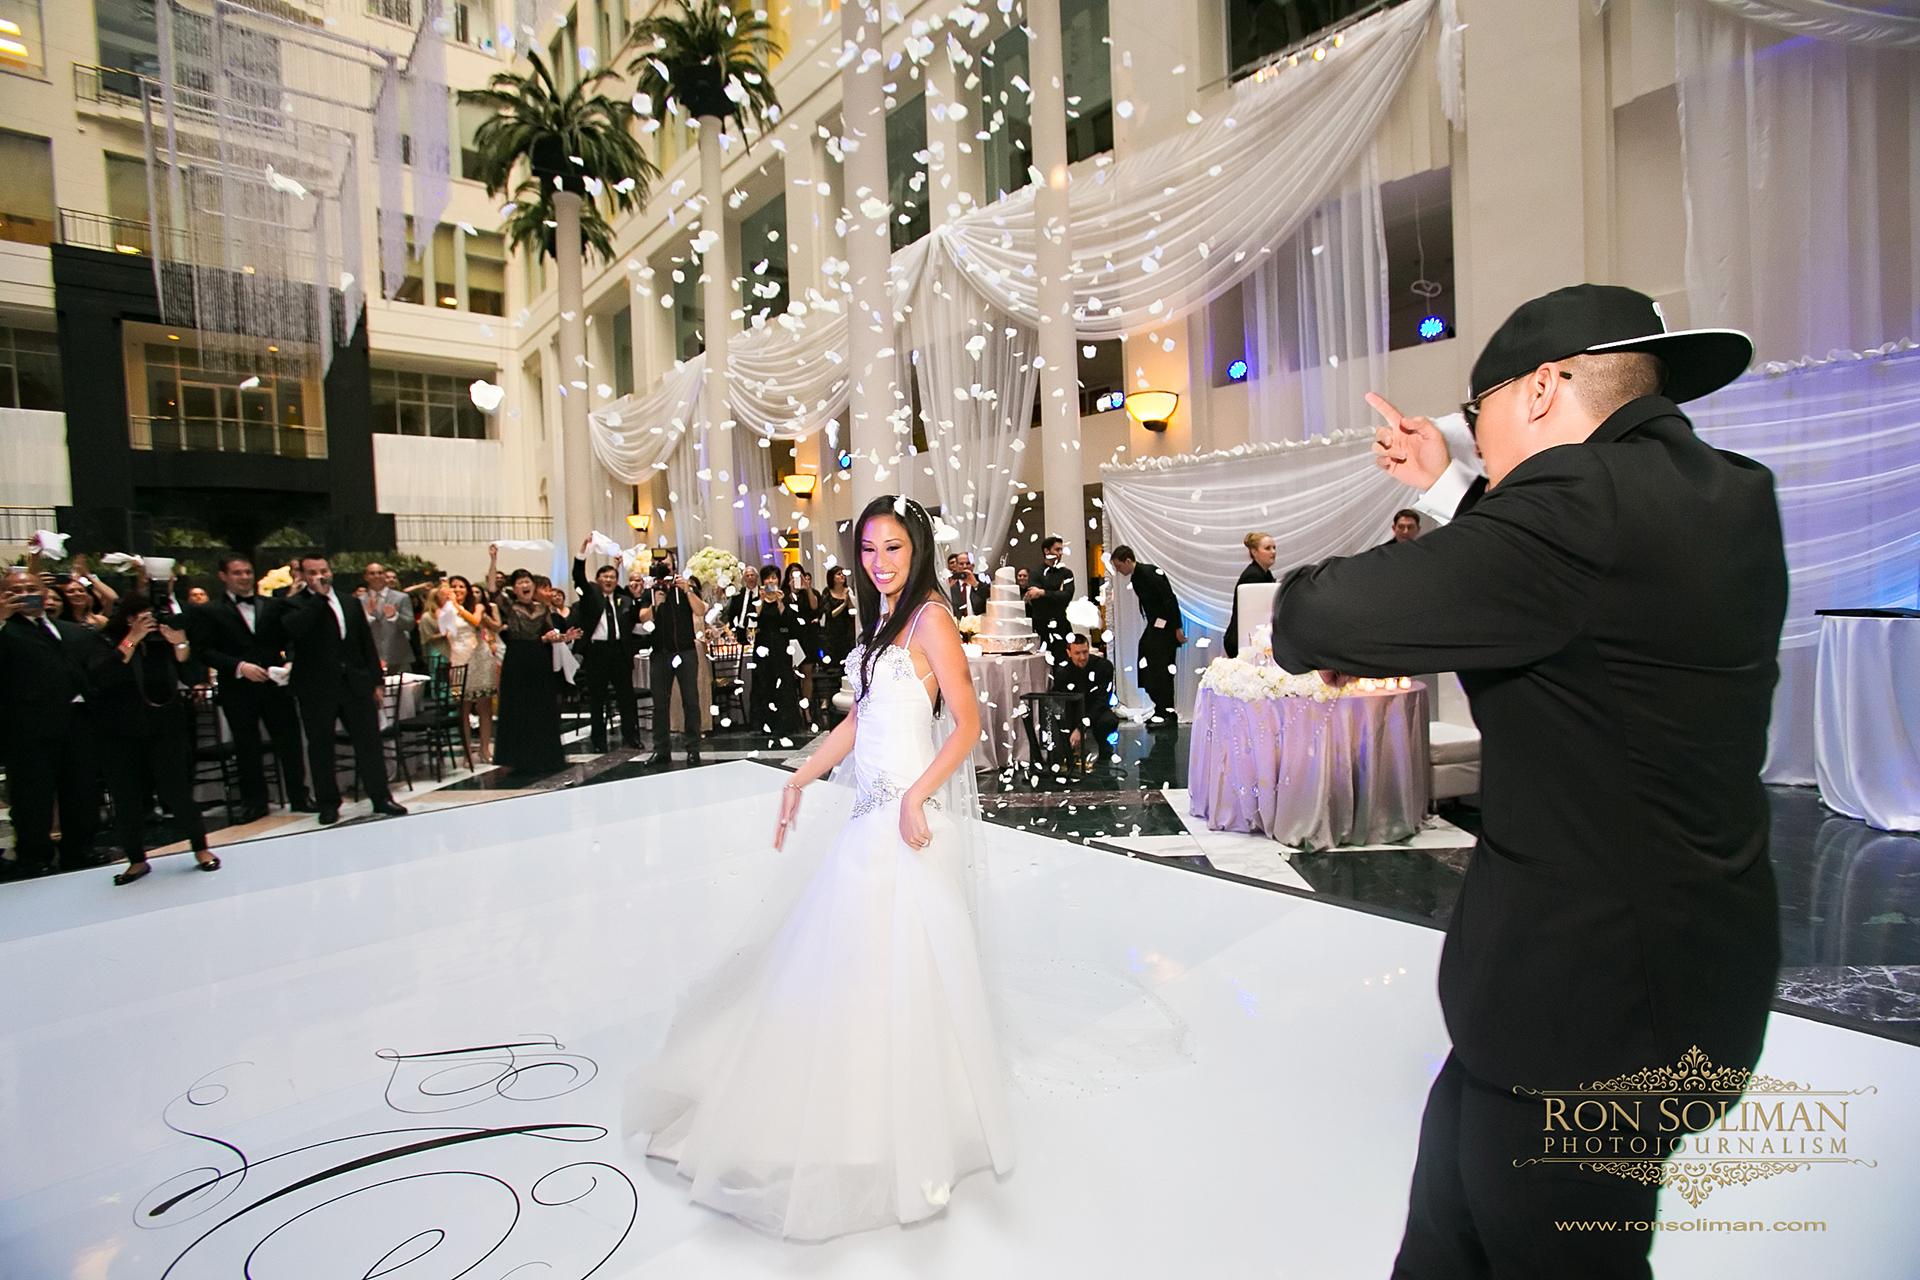 Atrium at CURTIS CENTER WEDDING